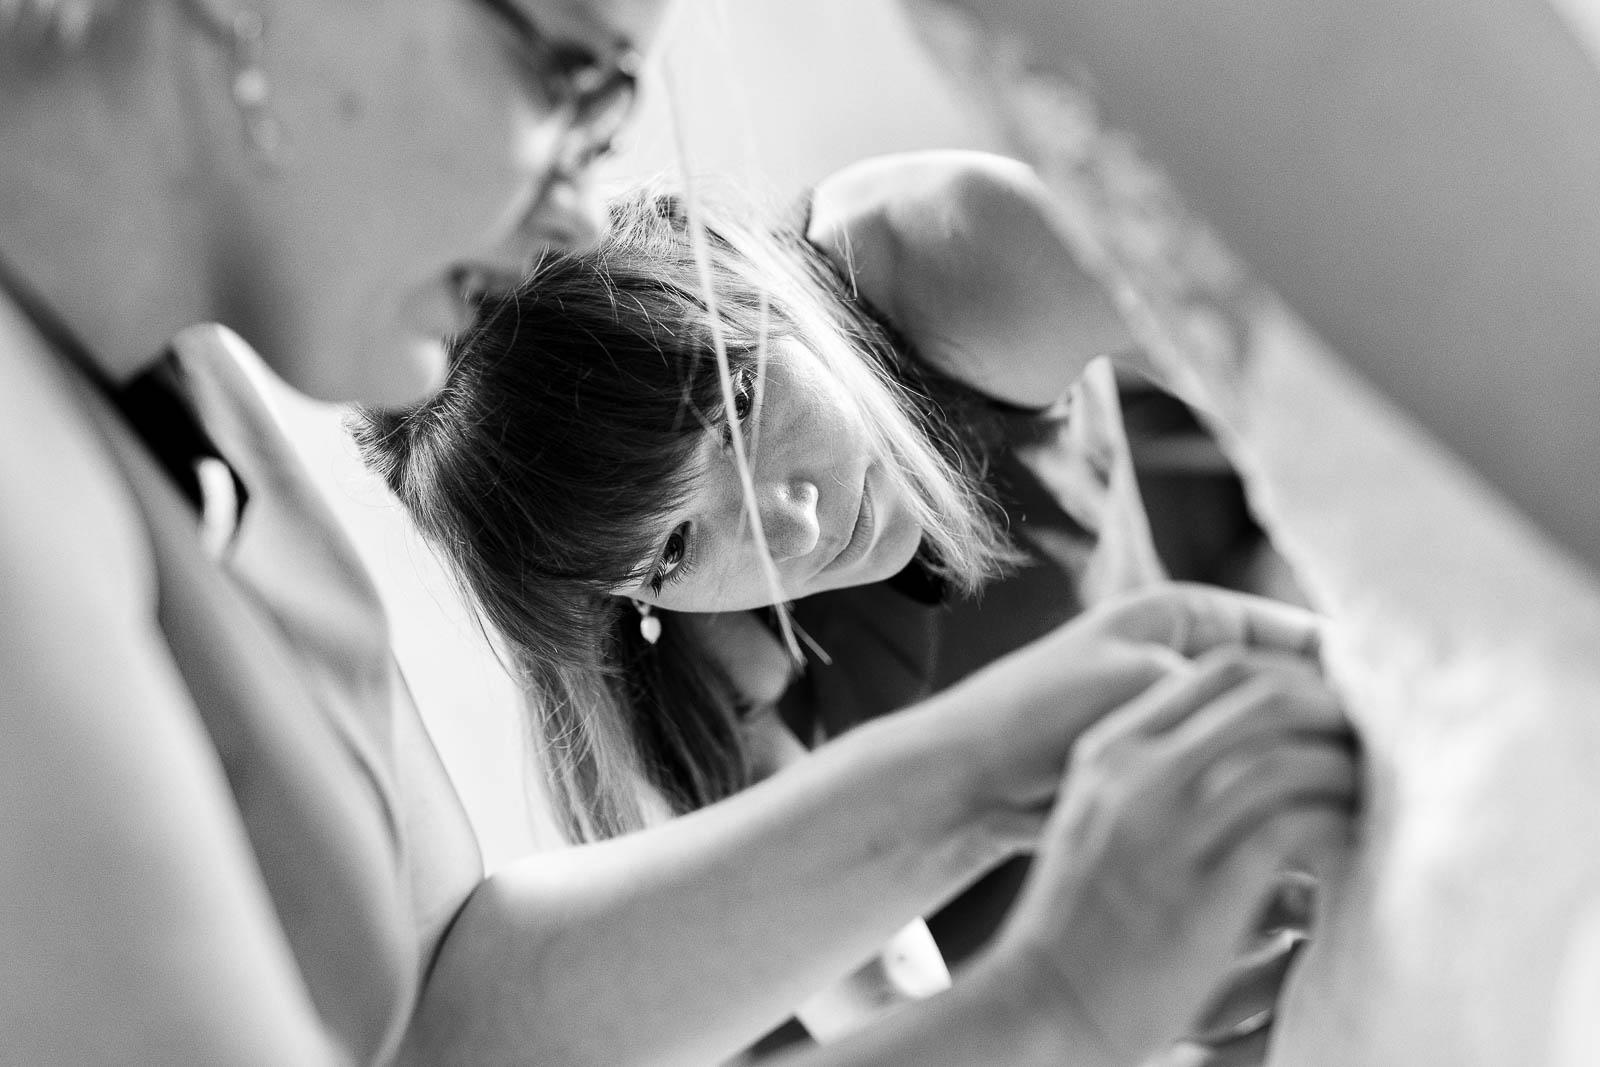 Mariages - ©Yohan Boniface Photographe - Mariage Portraits Immobilier Entreprises Clermont Ferrand Auvergne France (49).jpg